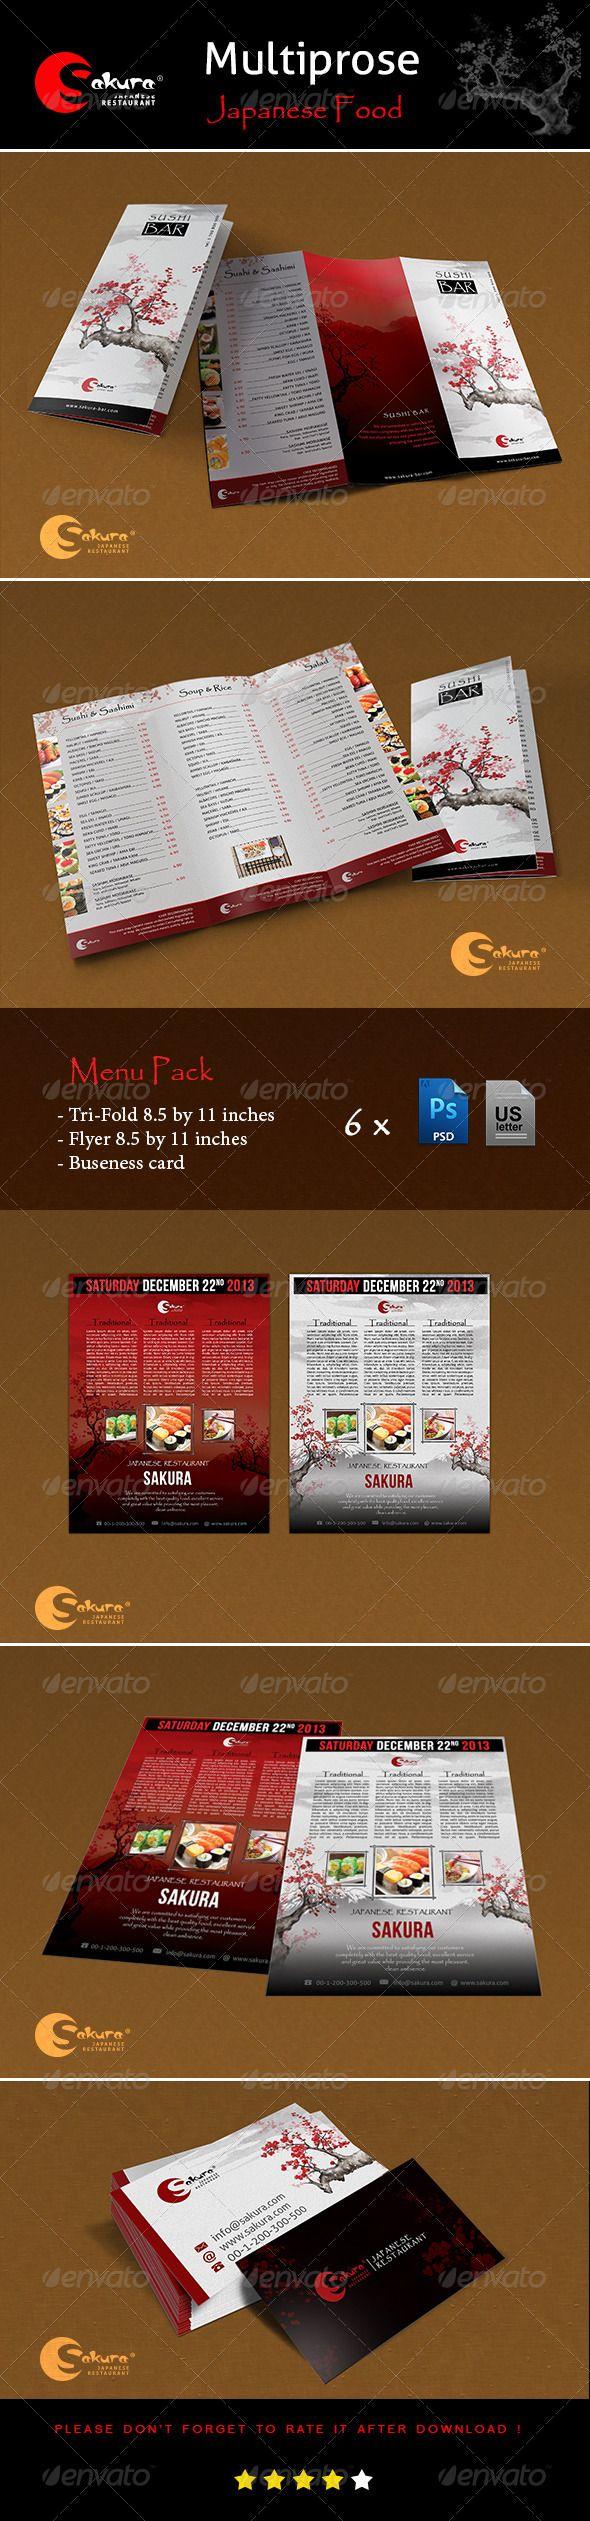 """Menu Pack """"Sakura"""" - Food Menus Print Templates Download here : http://graphicriver.net/item/menu-pack-sakura/5779998?s_rank=1288&ref=Al-fatih"""